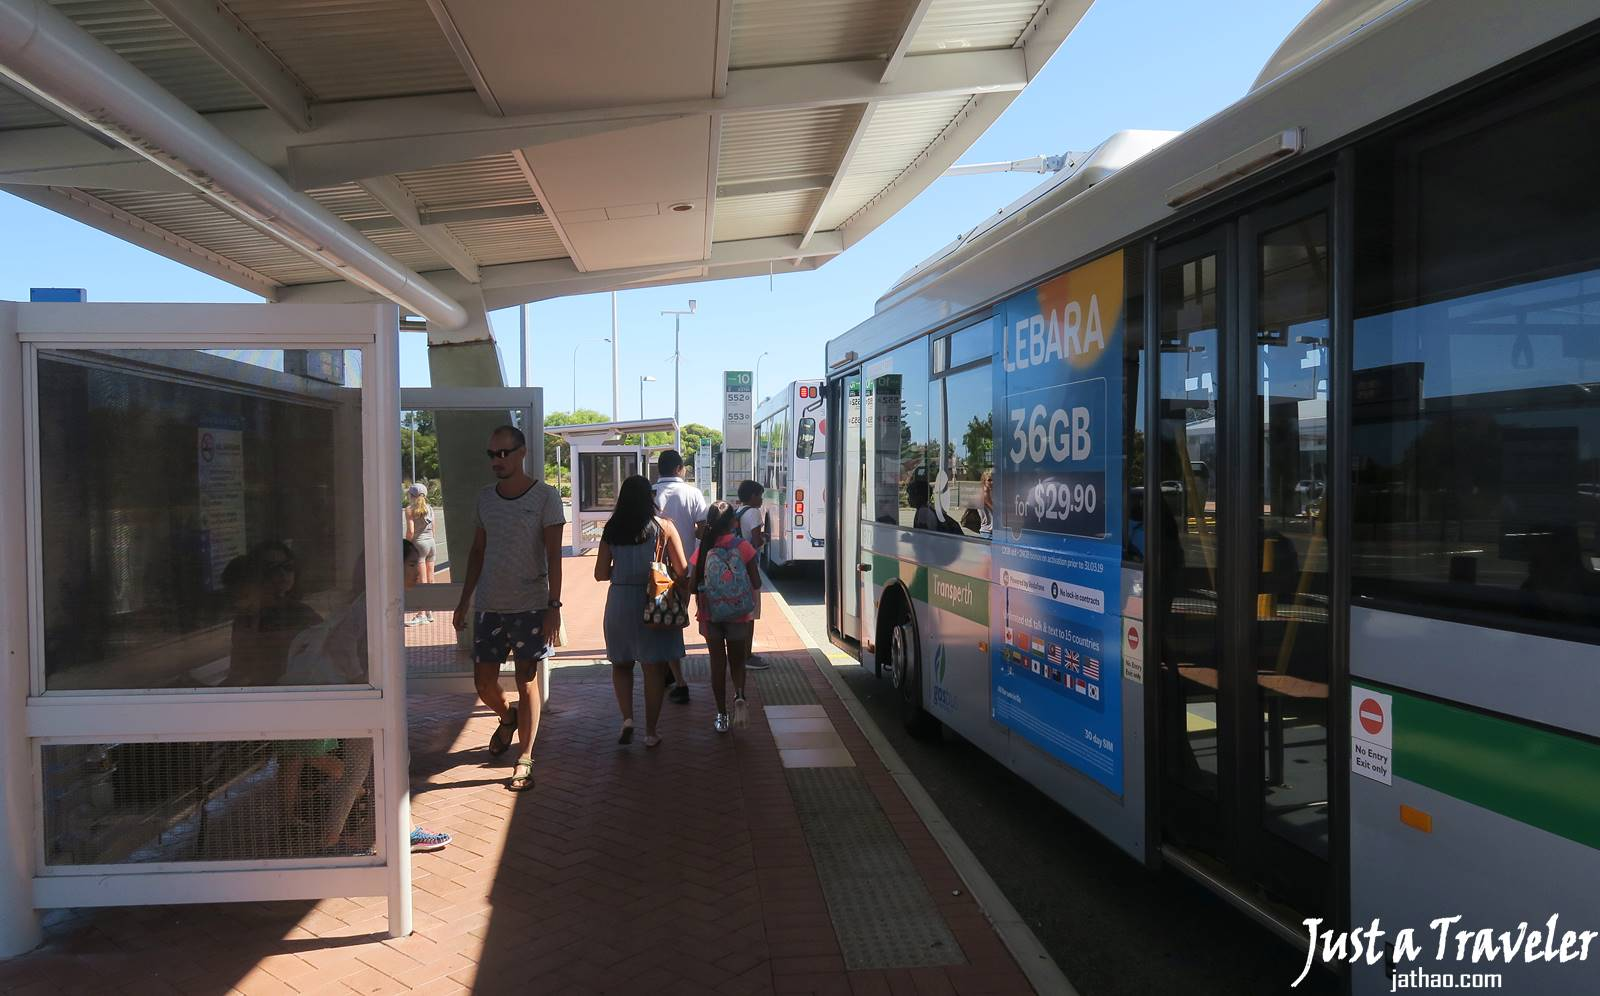 伯斯-景點-推薦-必玩-一日遊-企鵝島-Penguin-Island-遊記-交通-巴士-公車-Rockingham-旅遊-自由行-Perth